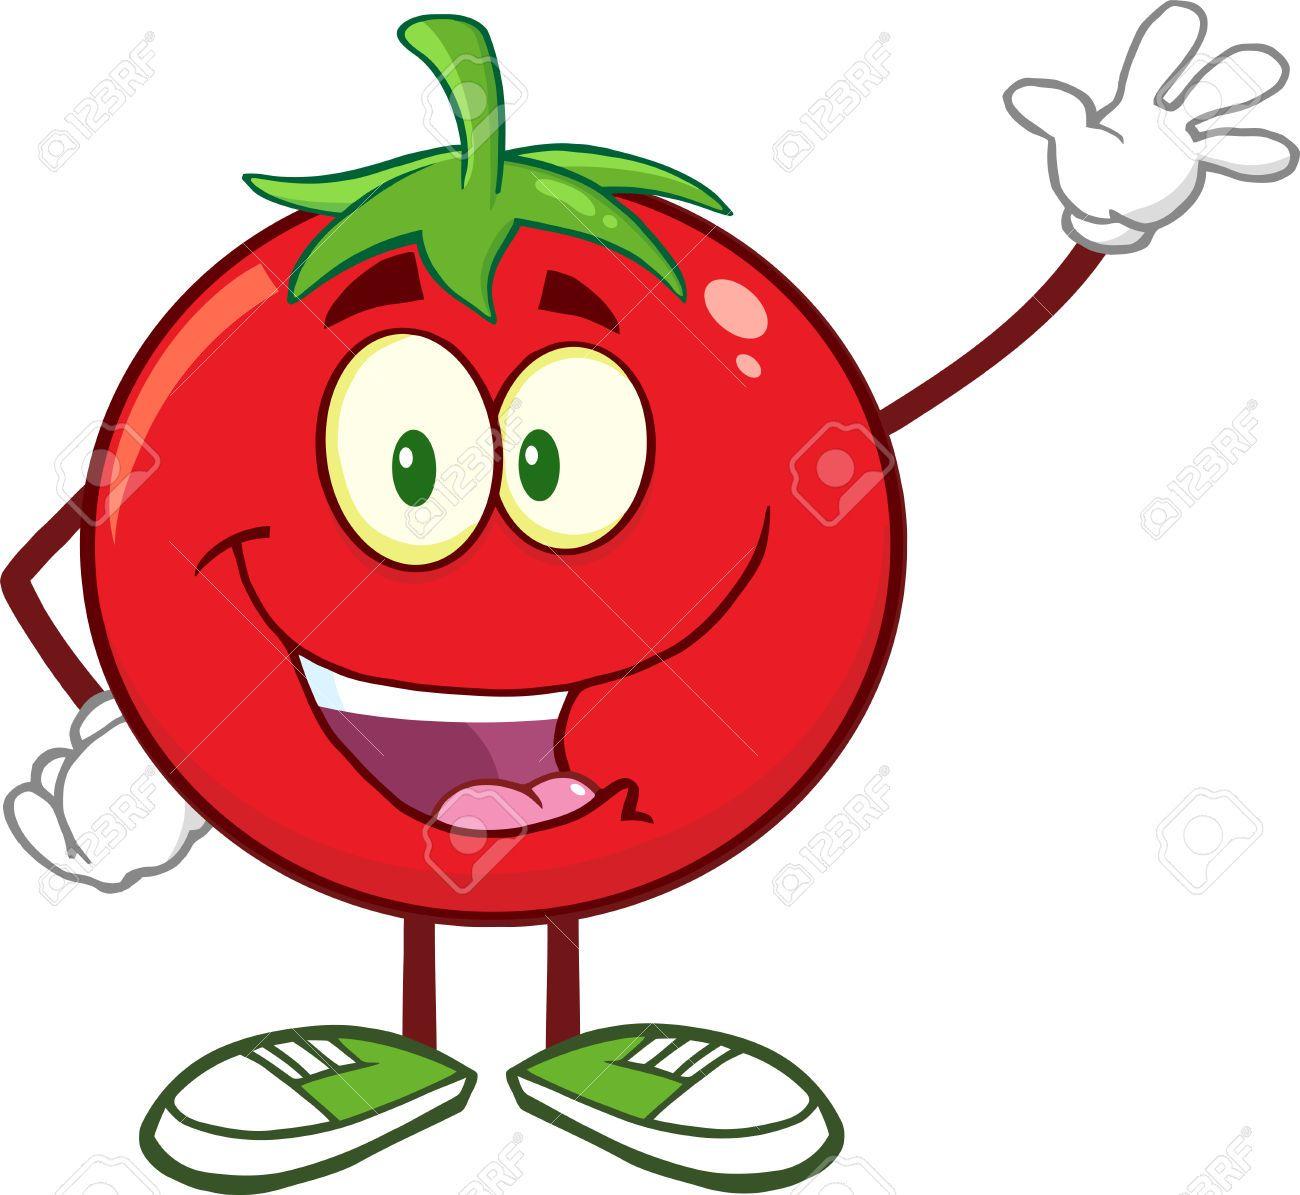 cartoon tomatoe images.